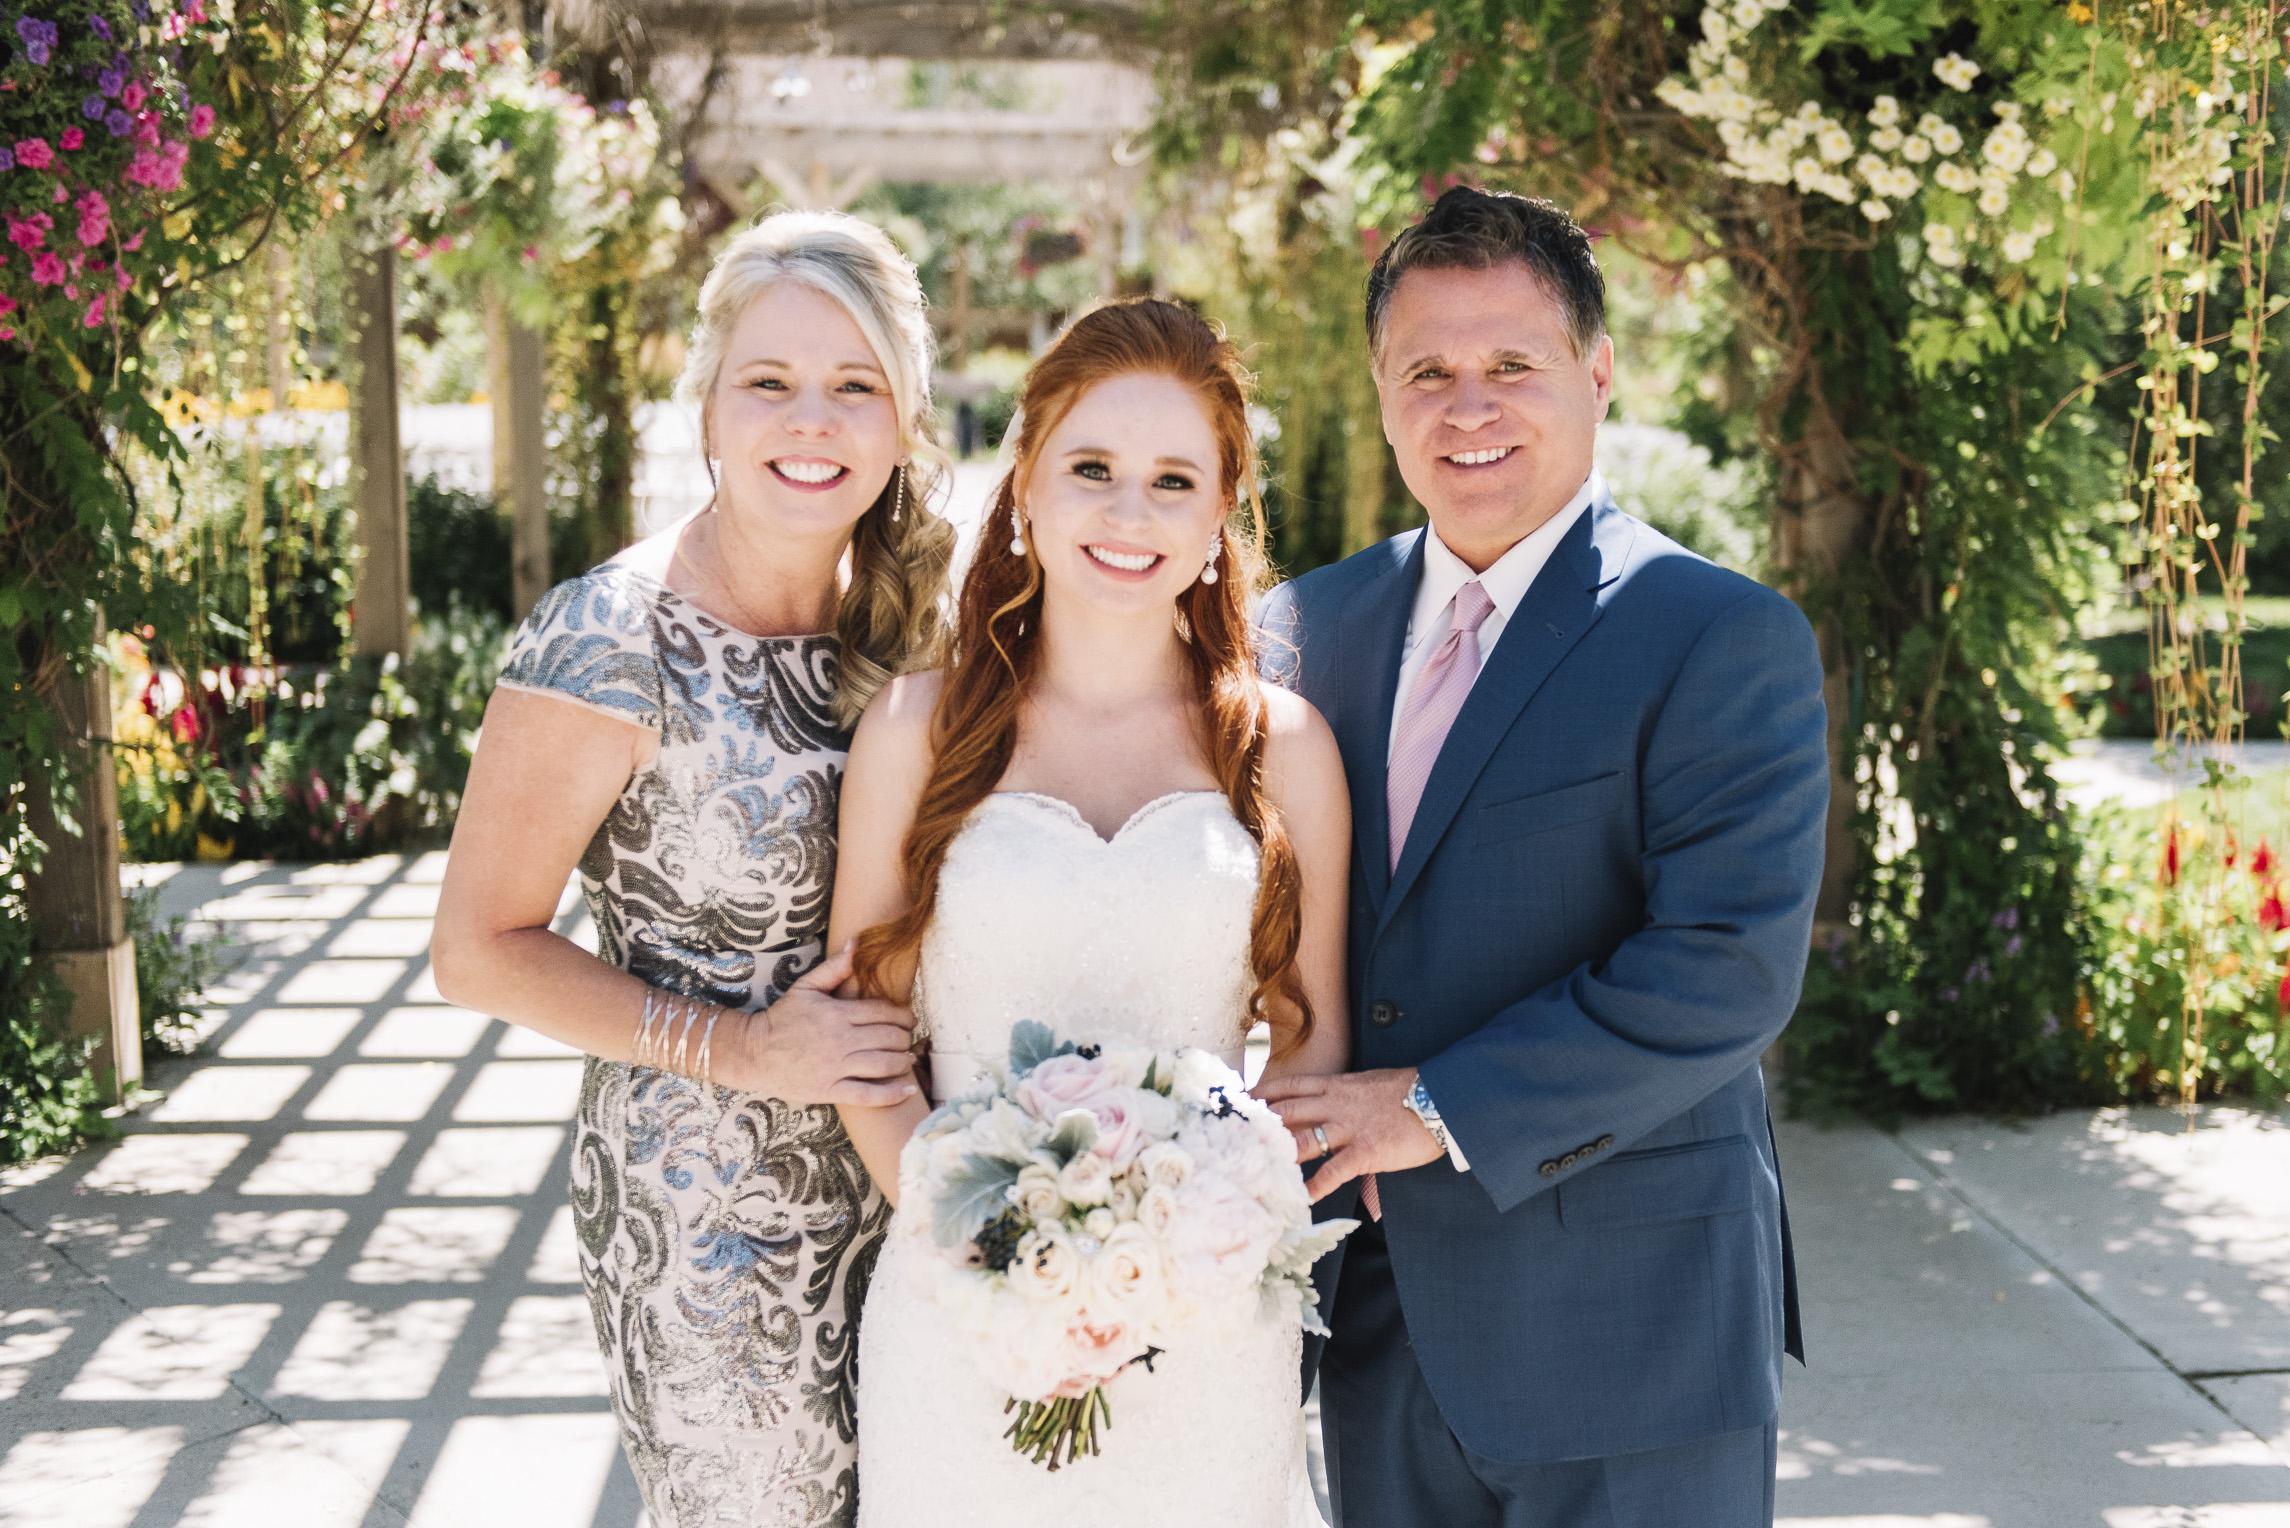 web sized images -- no to print --CALVIN & MCKYLEY WEDDING PHOTOS - COLORADO PHOTOGRAPHER - DEBI RAE PHOTOGRAPHY-483.jpg